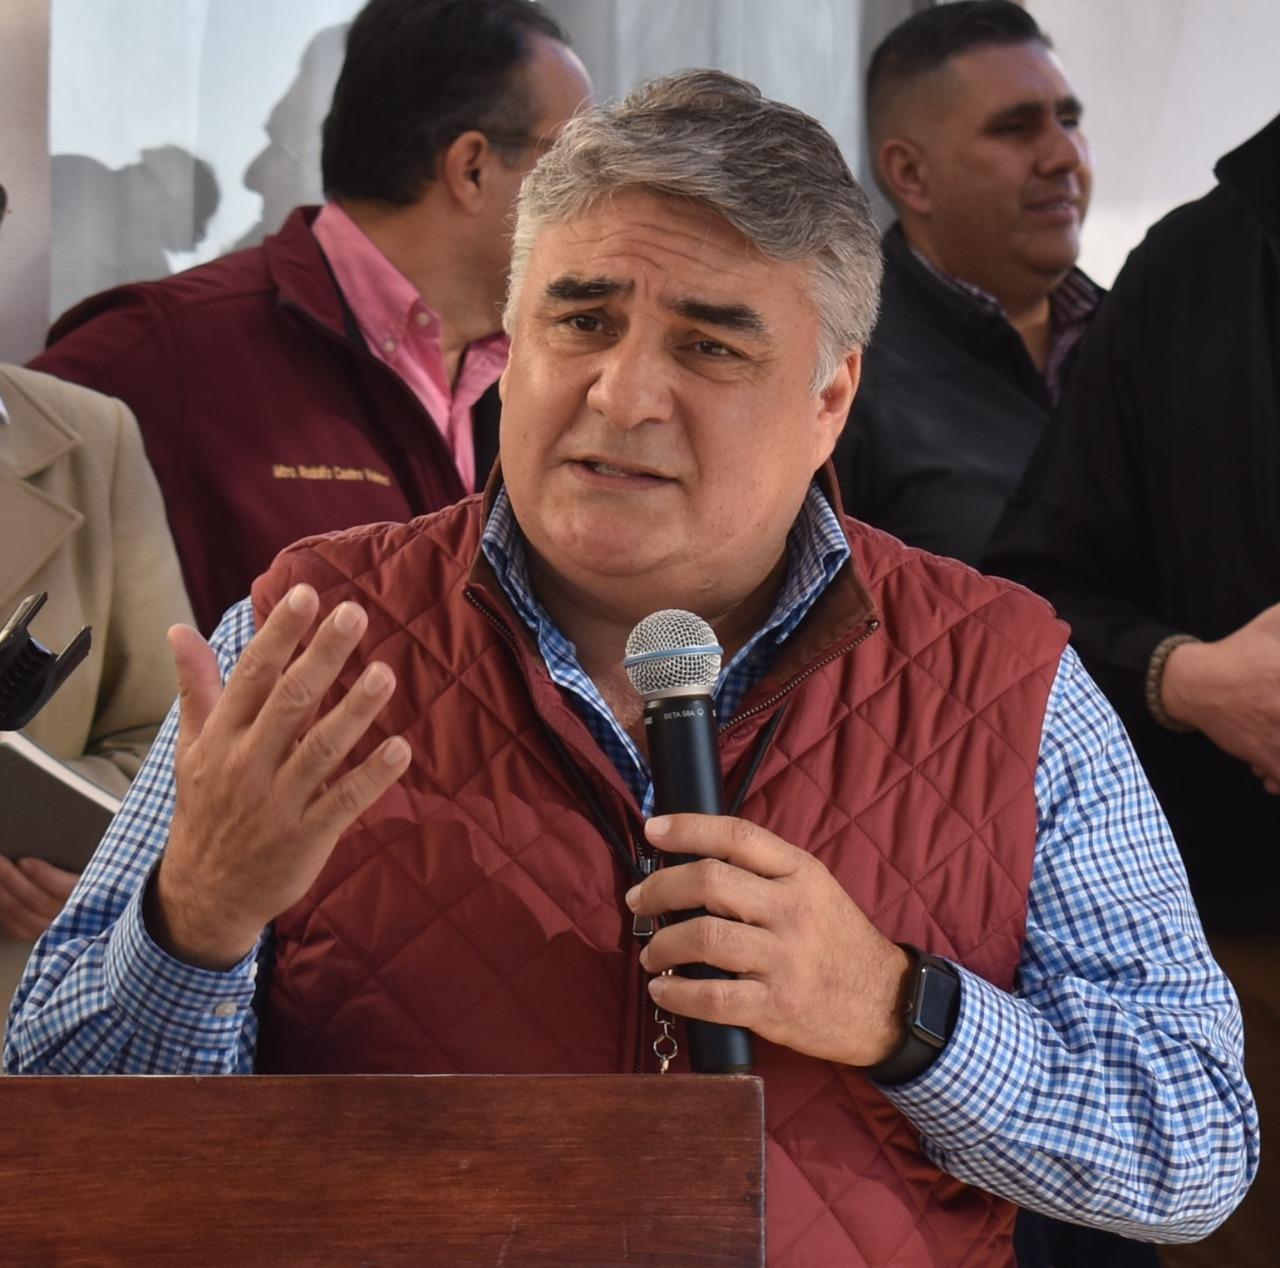 Que el Estado de Derecho, el Diálogo y el Entendimiento Lleven a Resolver Asunto de la Caseta de Playas de Tijuana: Ruiz Uribe